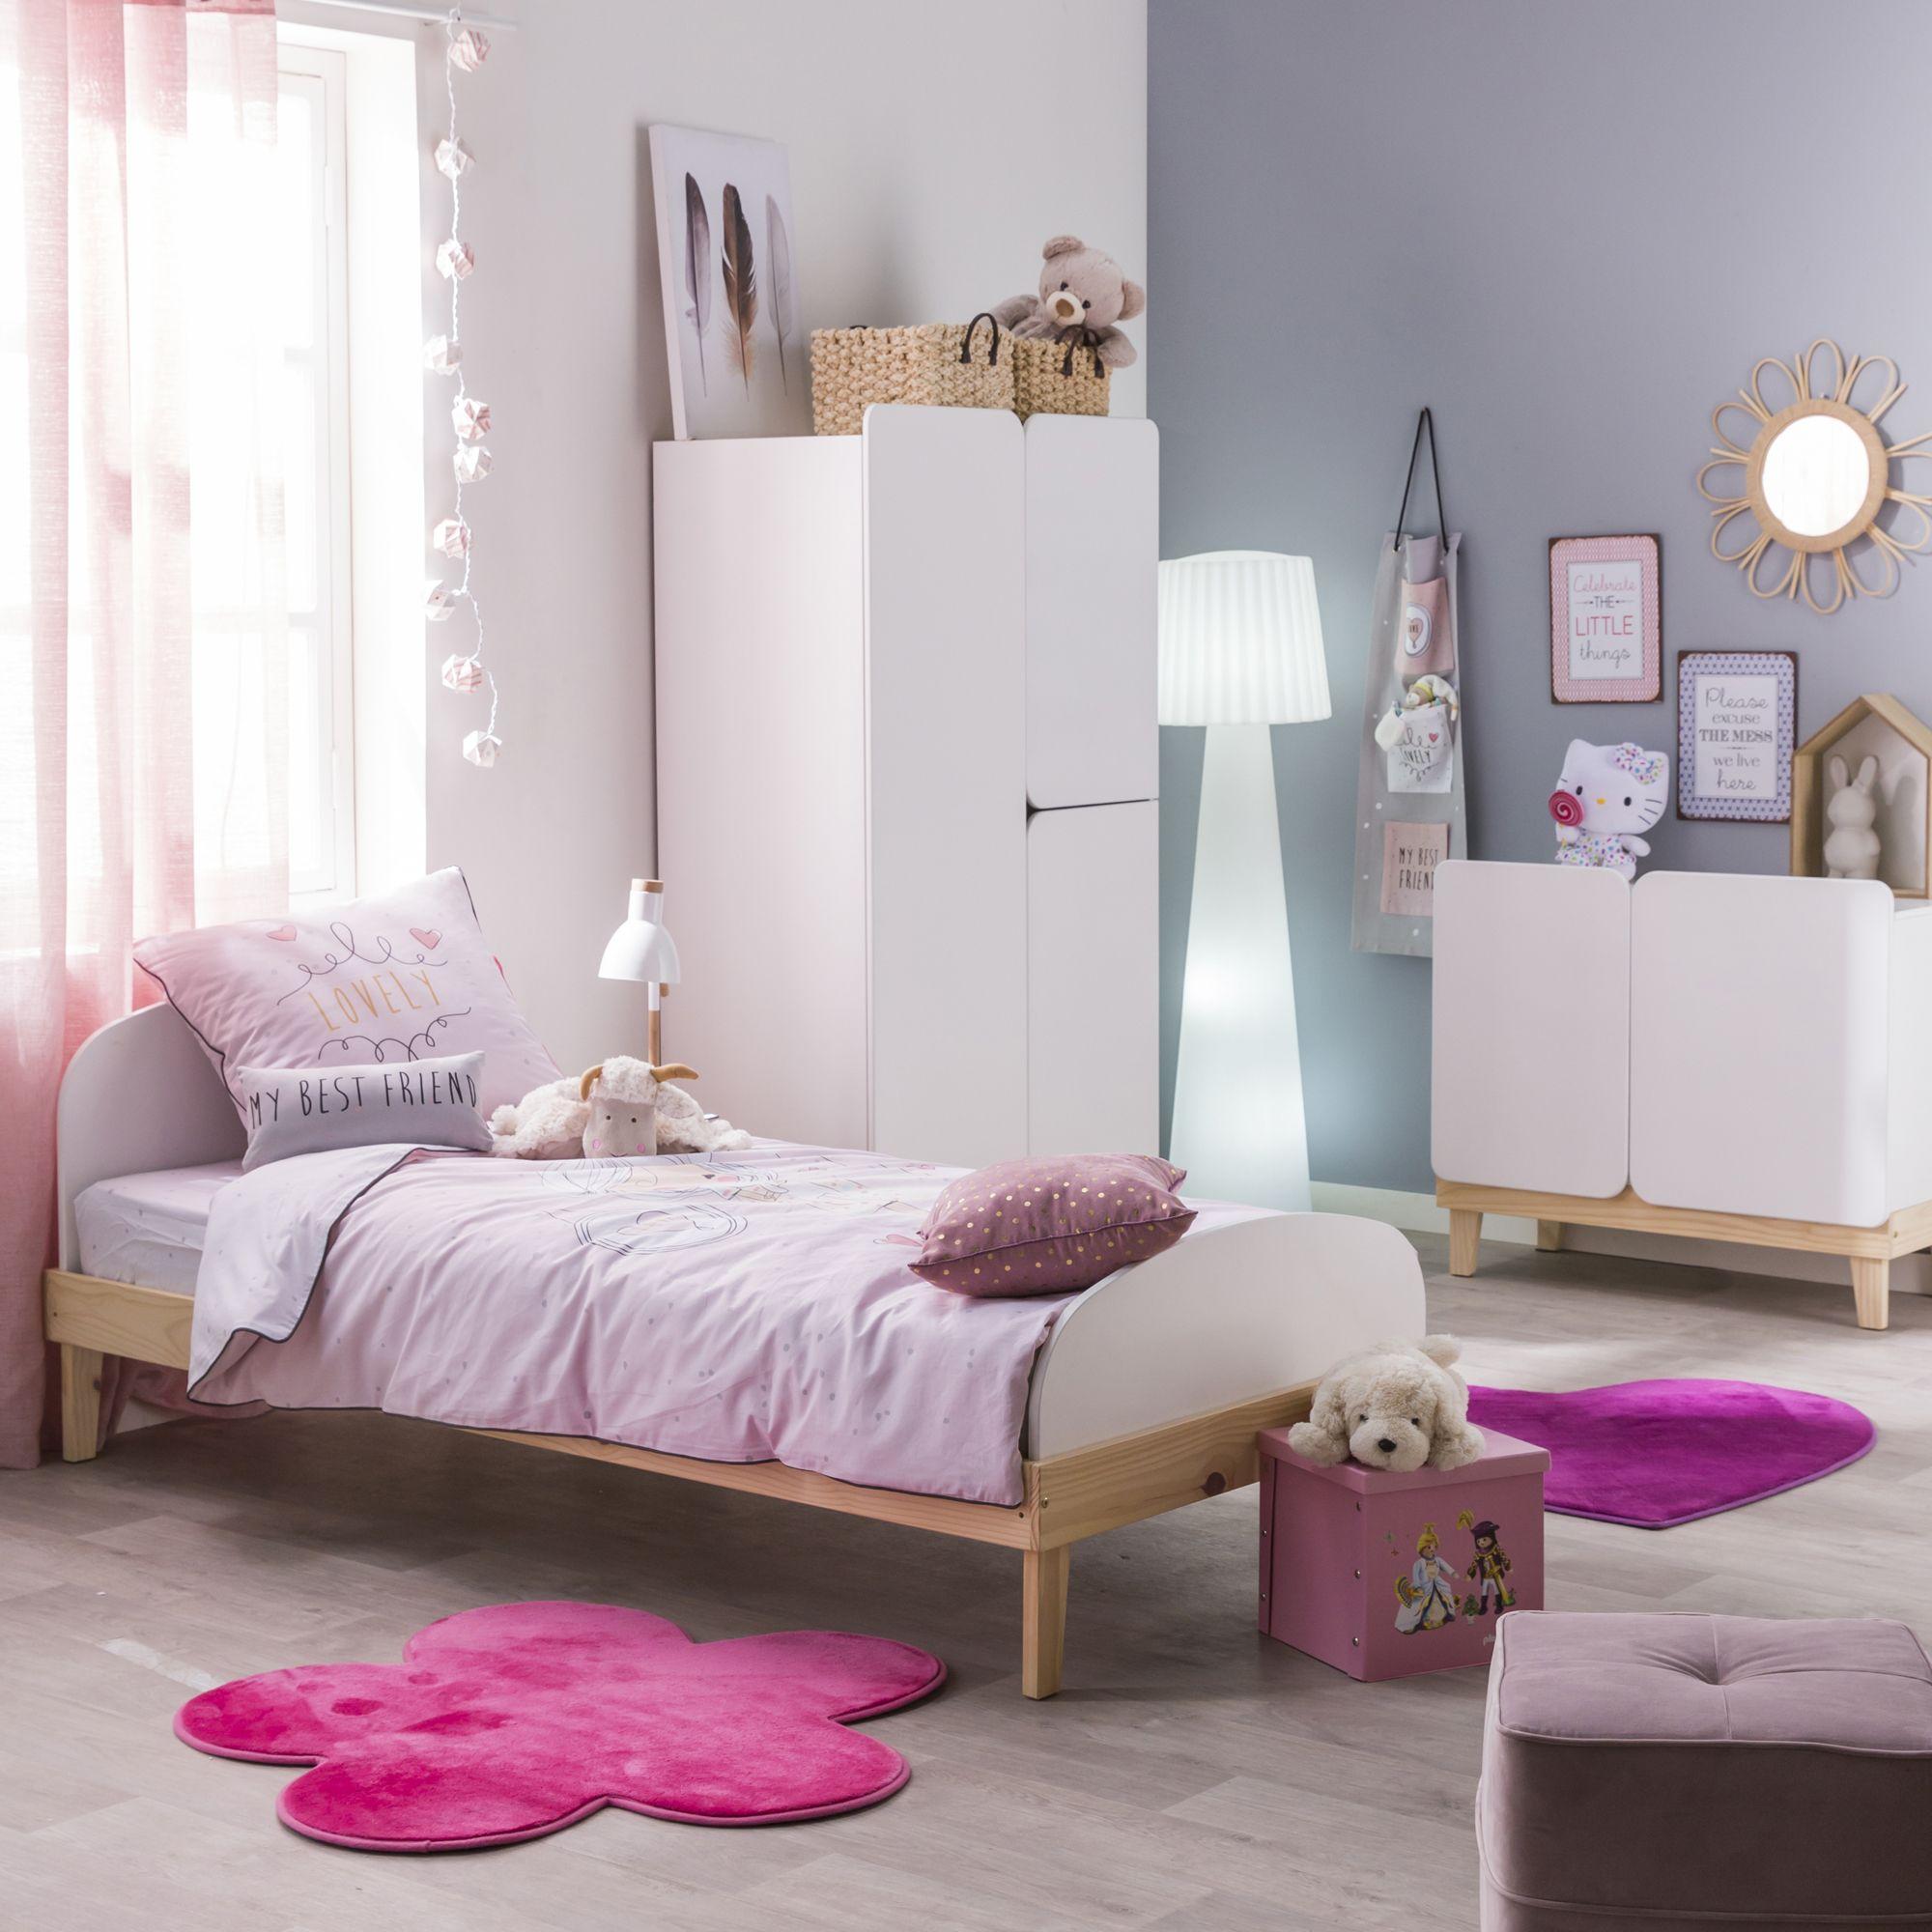 Chambre De Filles Alinea Etagere Chambre Enfant Decoration Chambre Enfant Meuble Deco